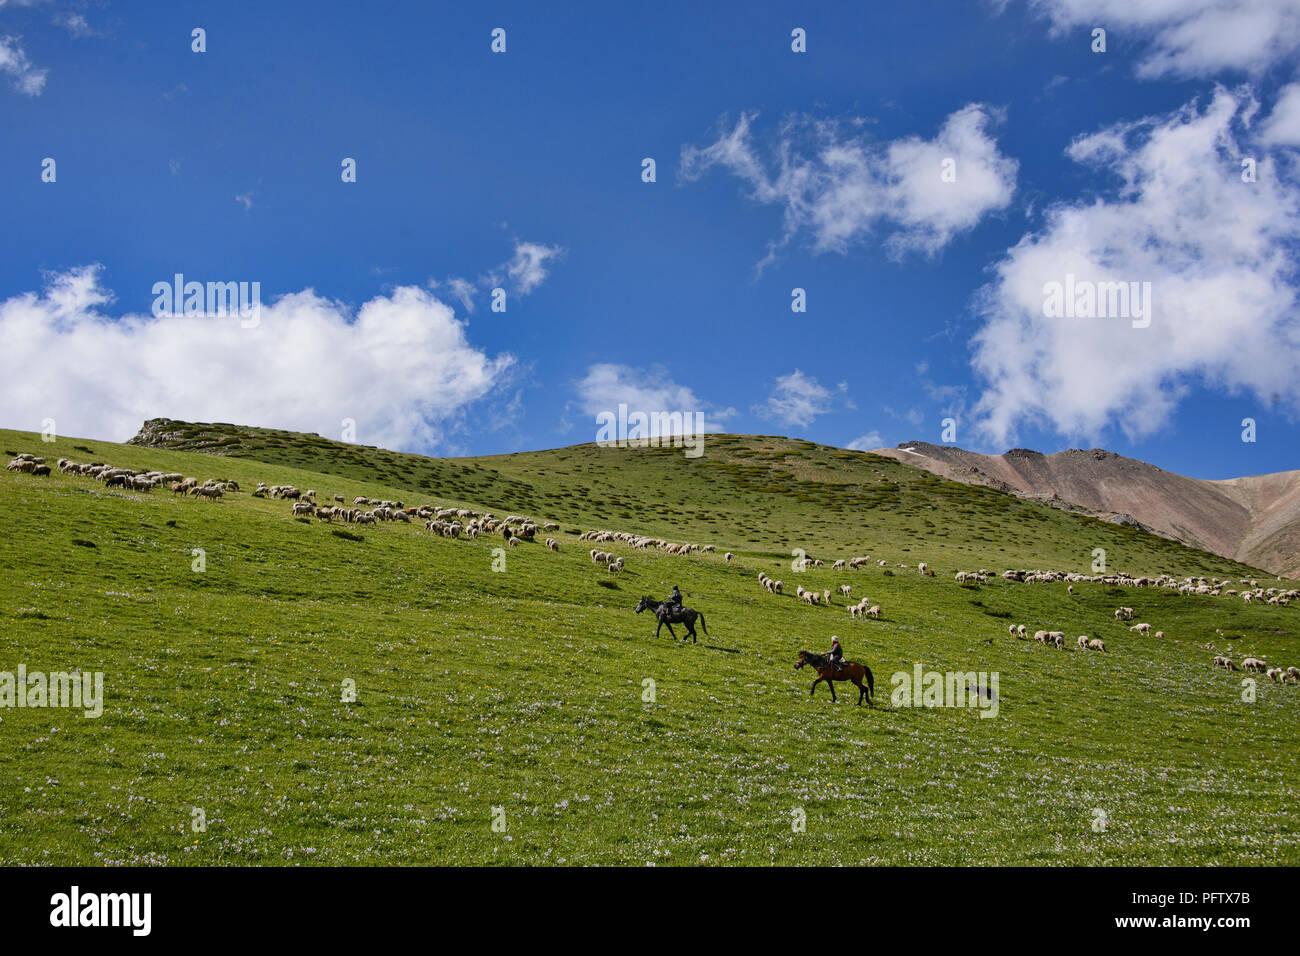 Kyrgyz horserider, Jyrgalan Valley, Kygyzstan Stock Photo